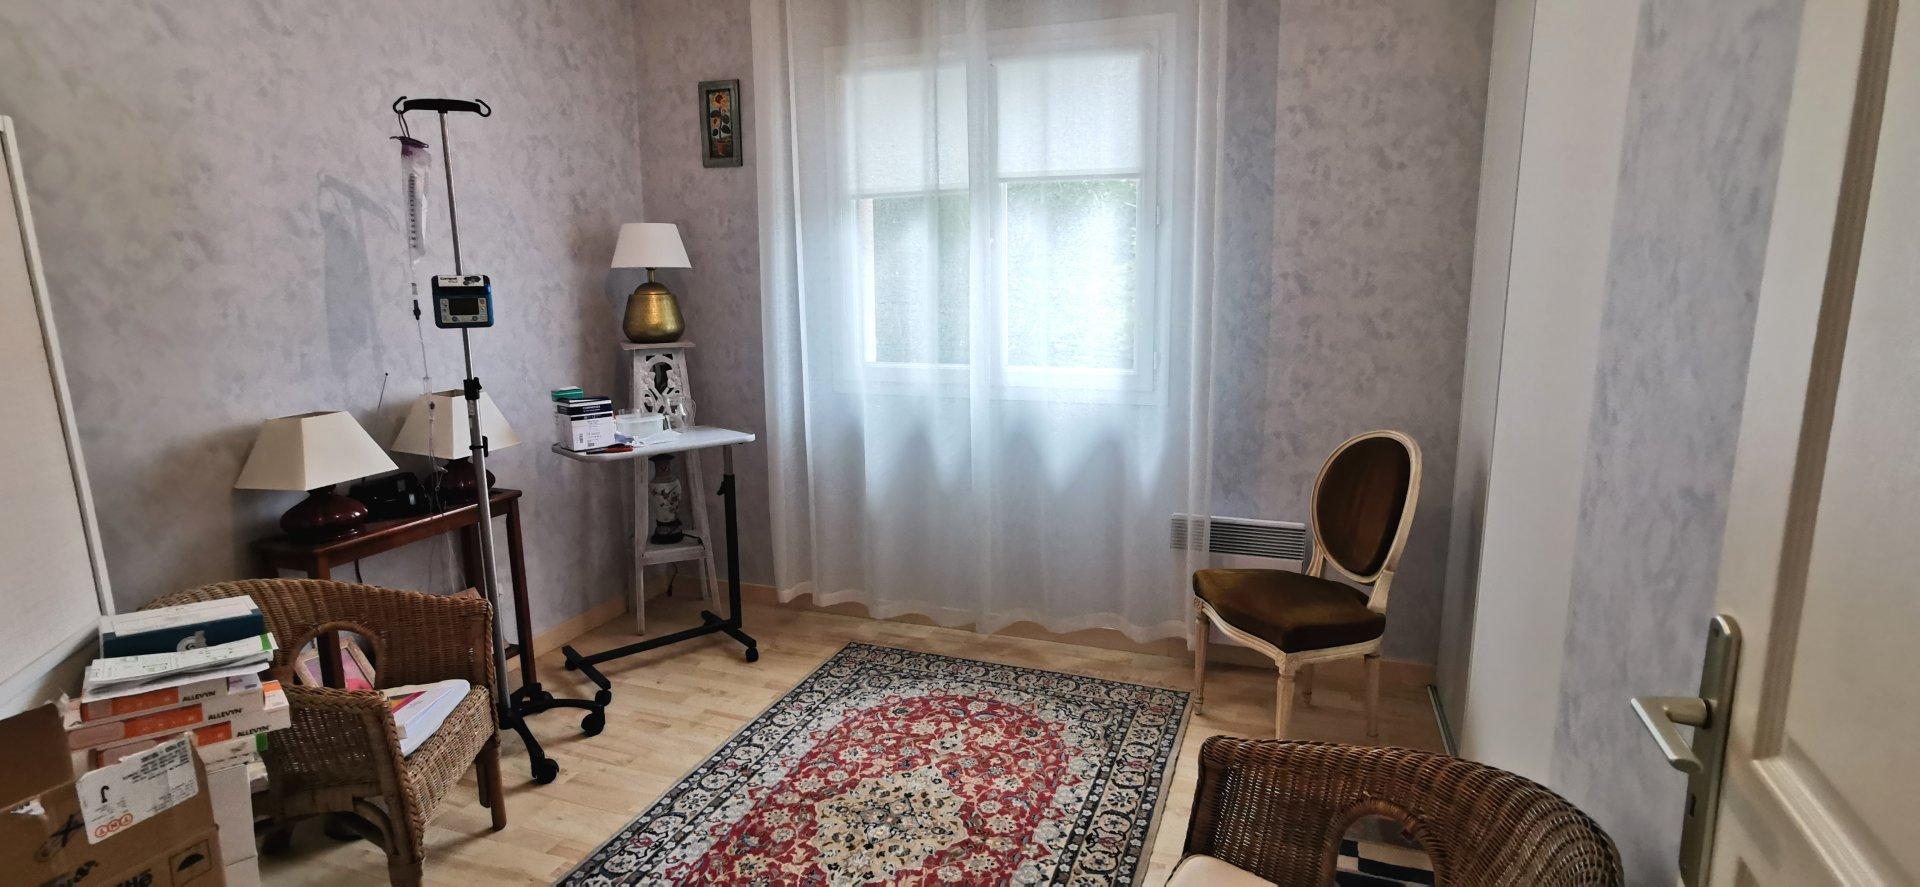 JOLIE MAISON PLAIN PIED SUR 1031 m²